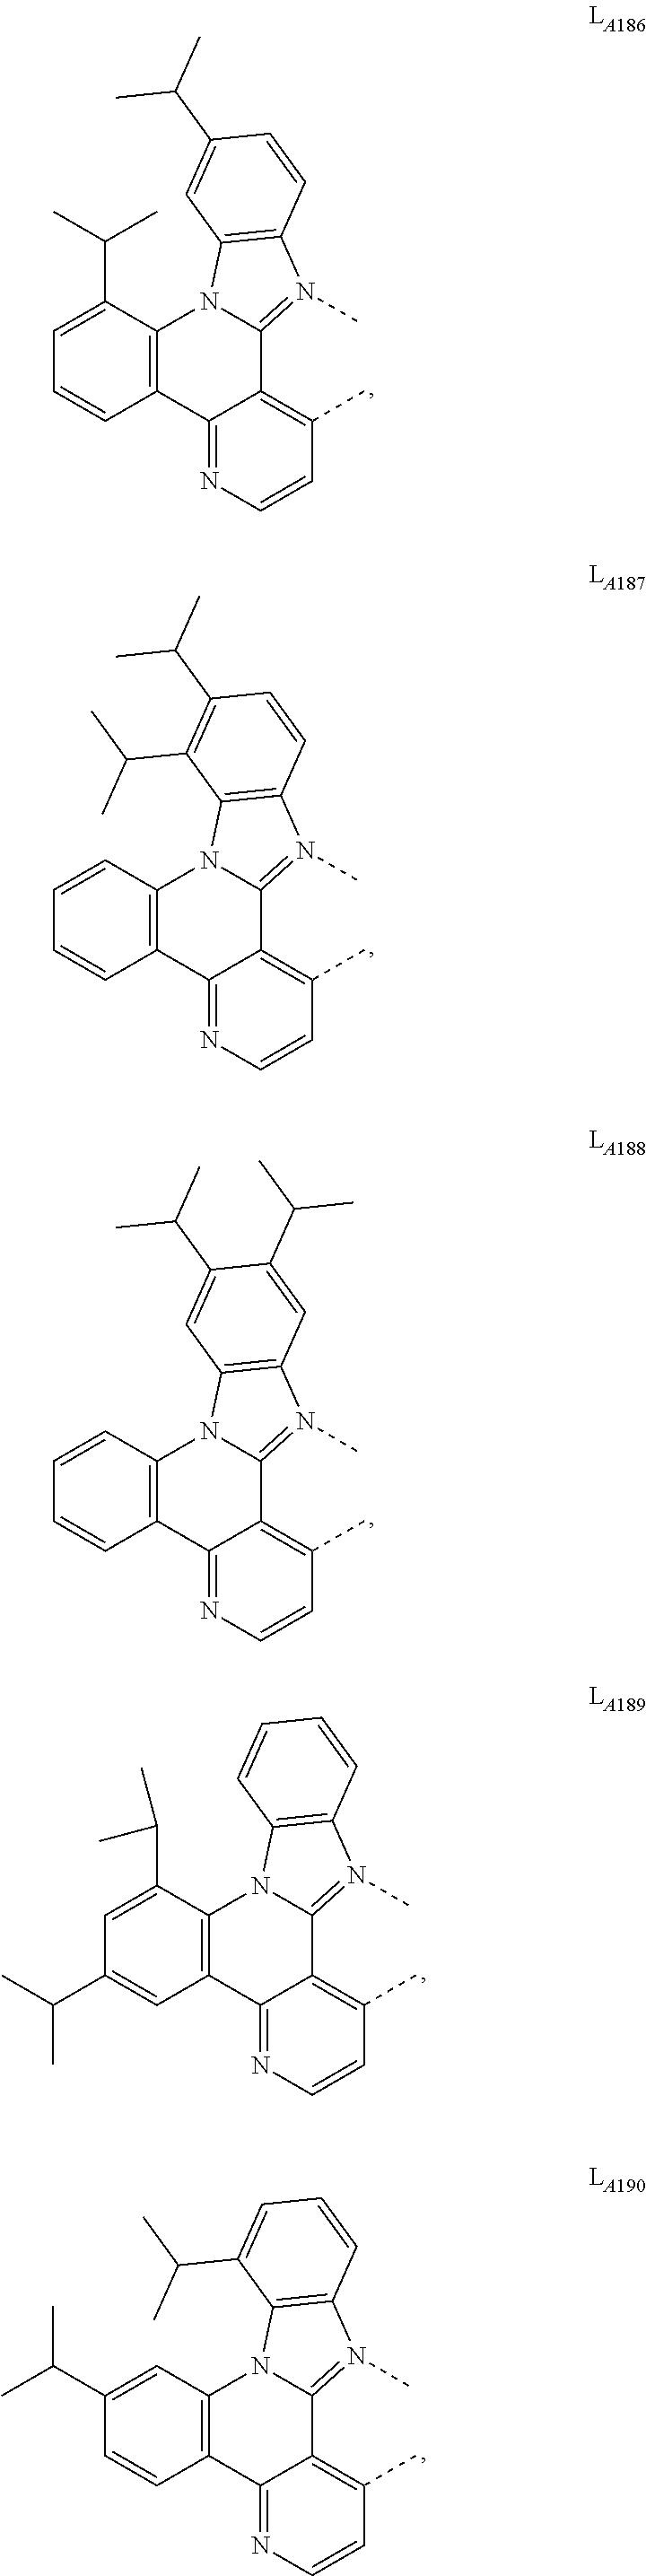 Figure US09905785-20180227-C00068